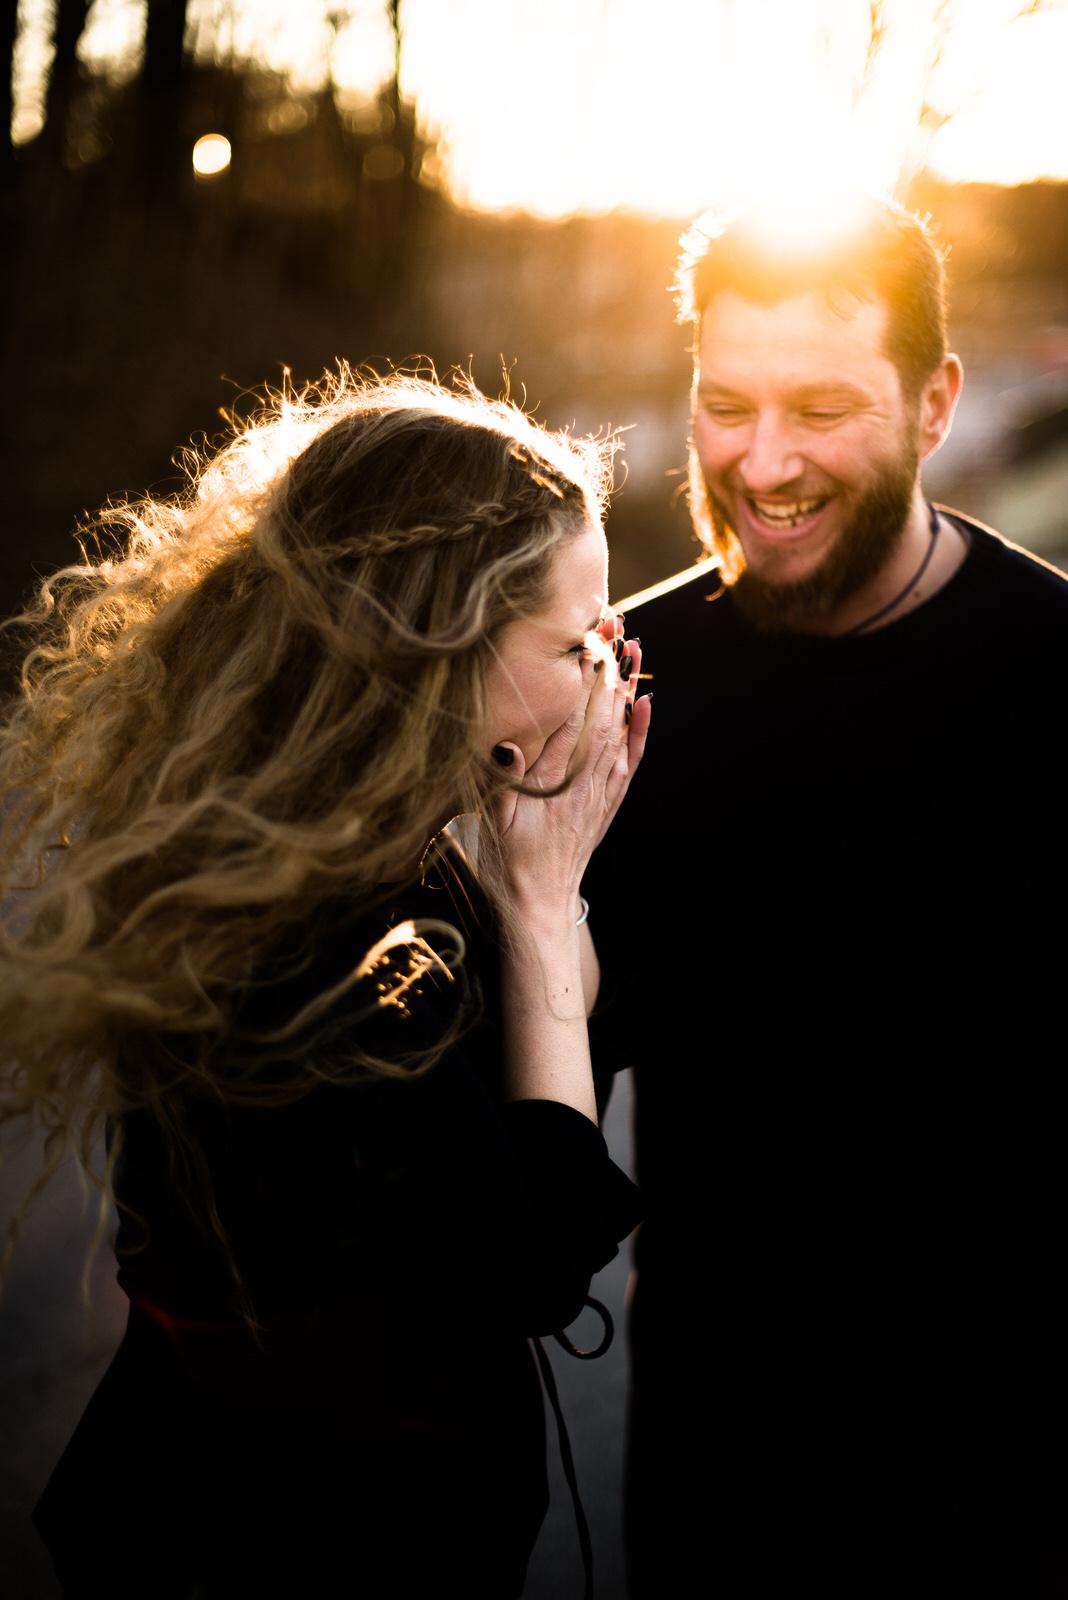 Vanessa_Ben_Engagement-114.jpg